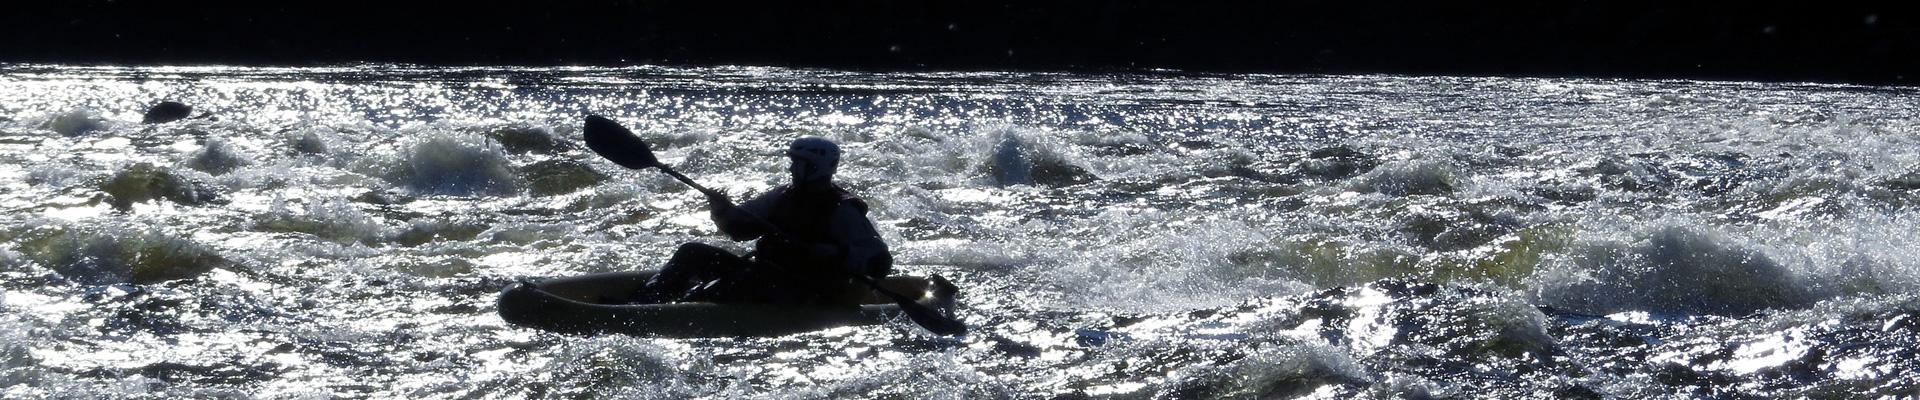 Whitewater Kayaiking in Sweden Lapland